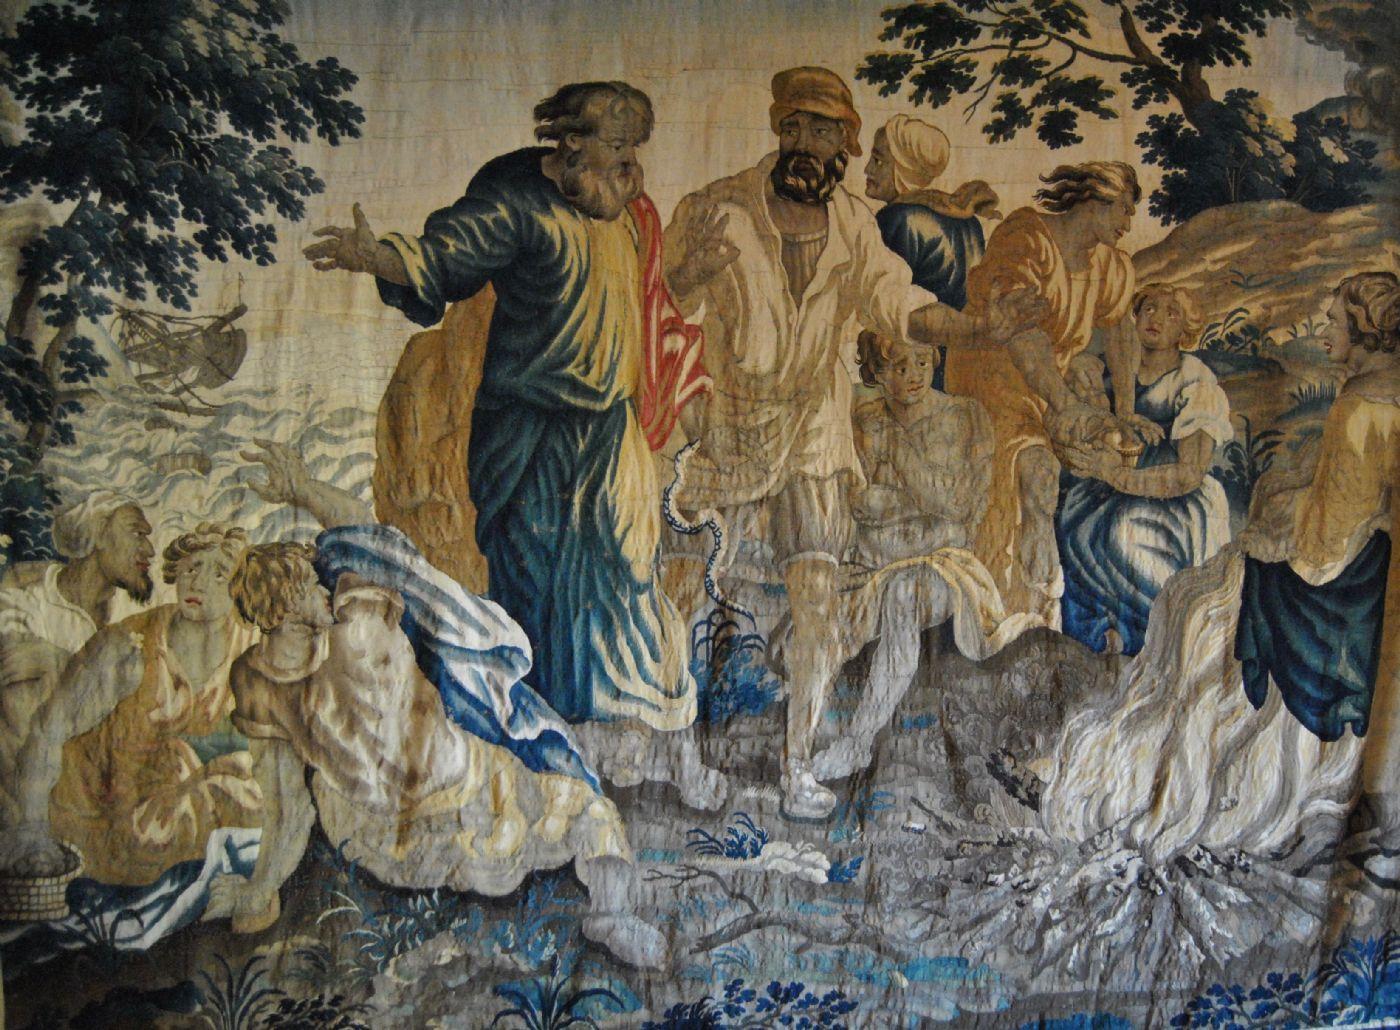 Arazzo della manifattura di Bruxelles, episodio della vita di San Paolo, cm. 280 x 360